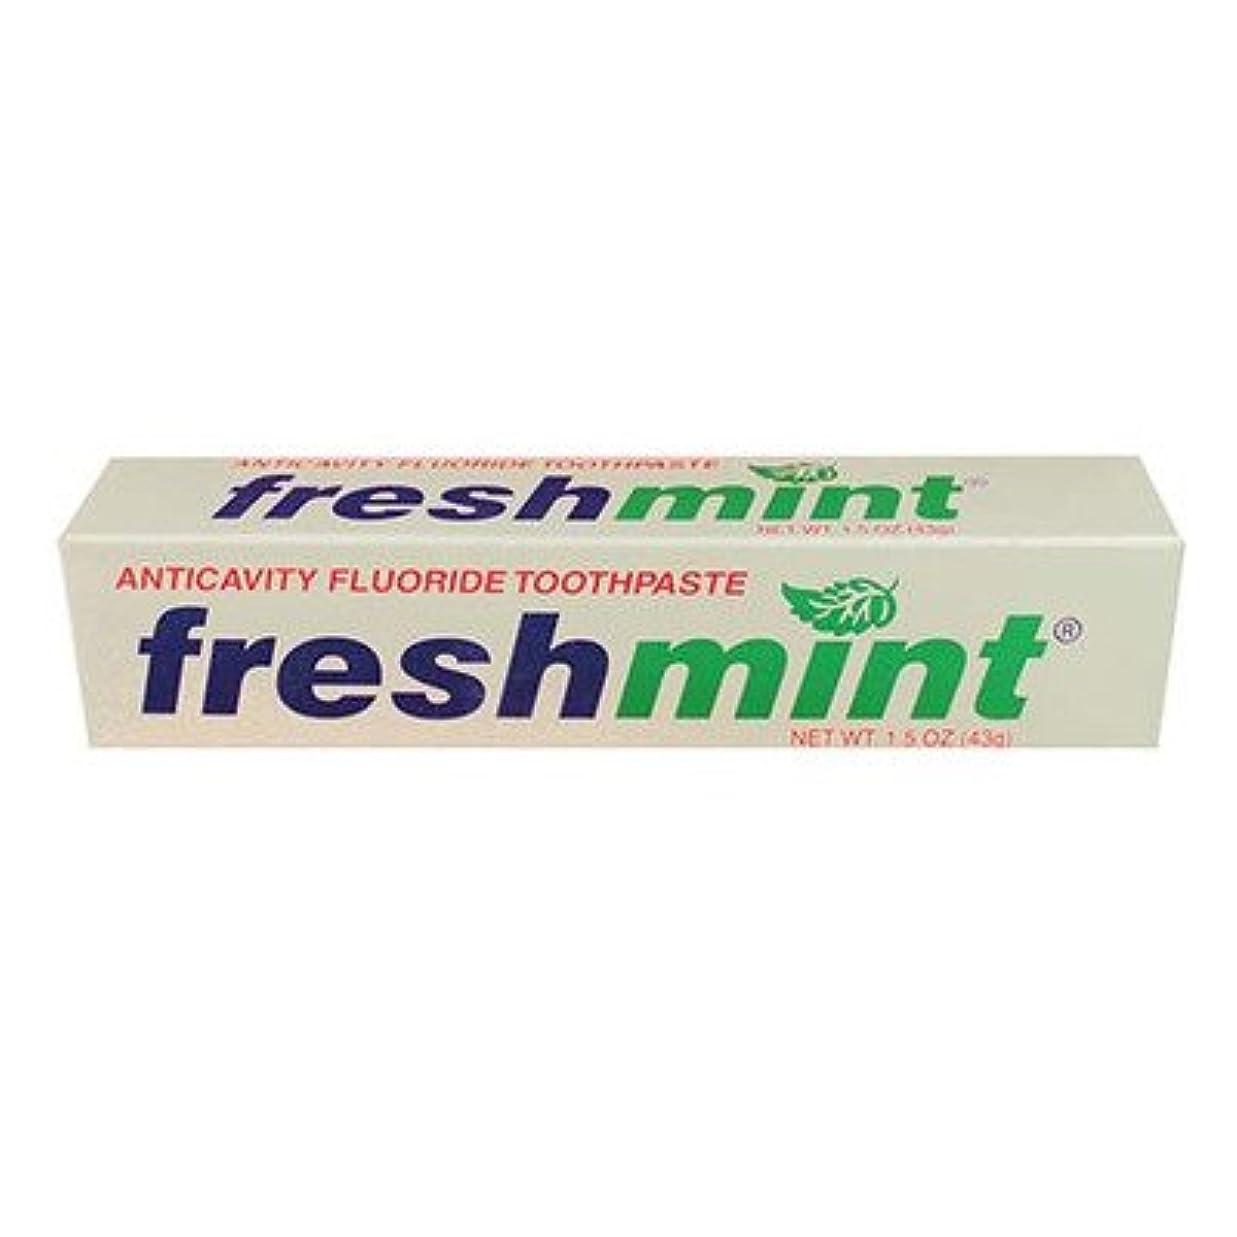 政治的観察するよく話されるFreshmint Fluoride Toothpaste, 1.5 oz (Case of 144) by Freshmint